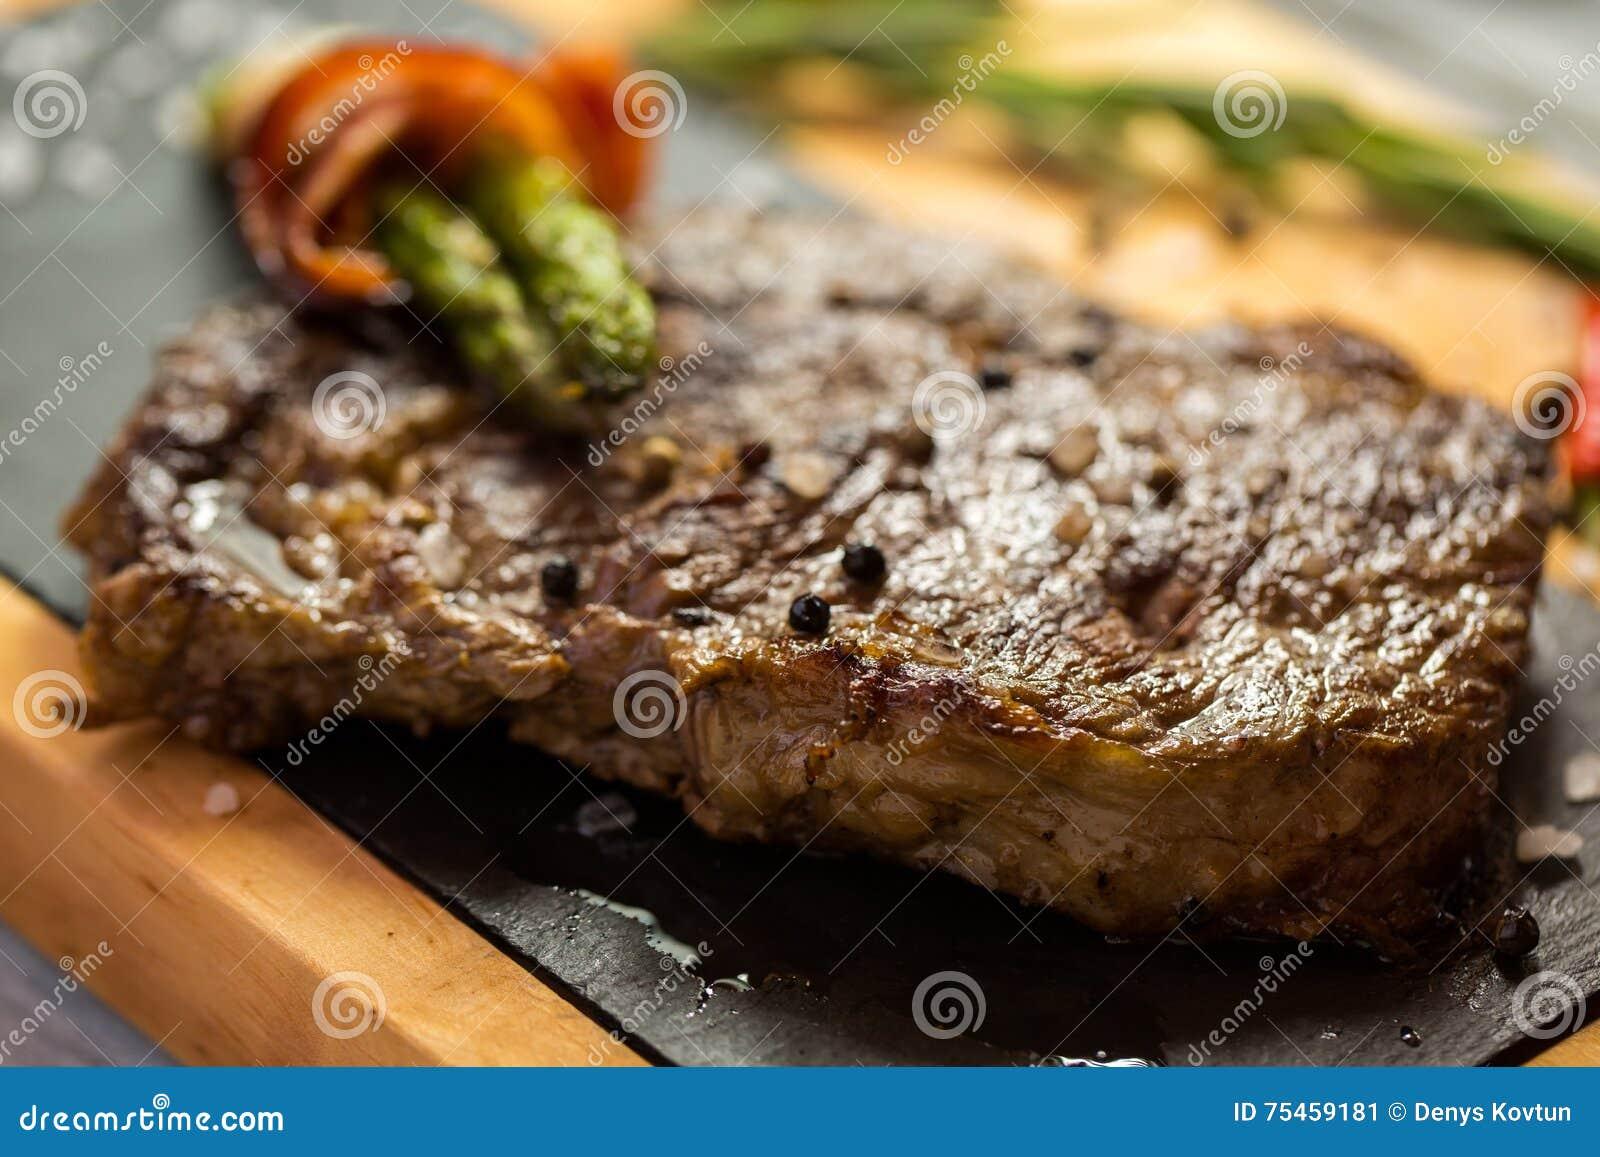 Brown-Steak an Bord